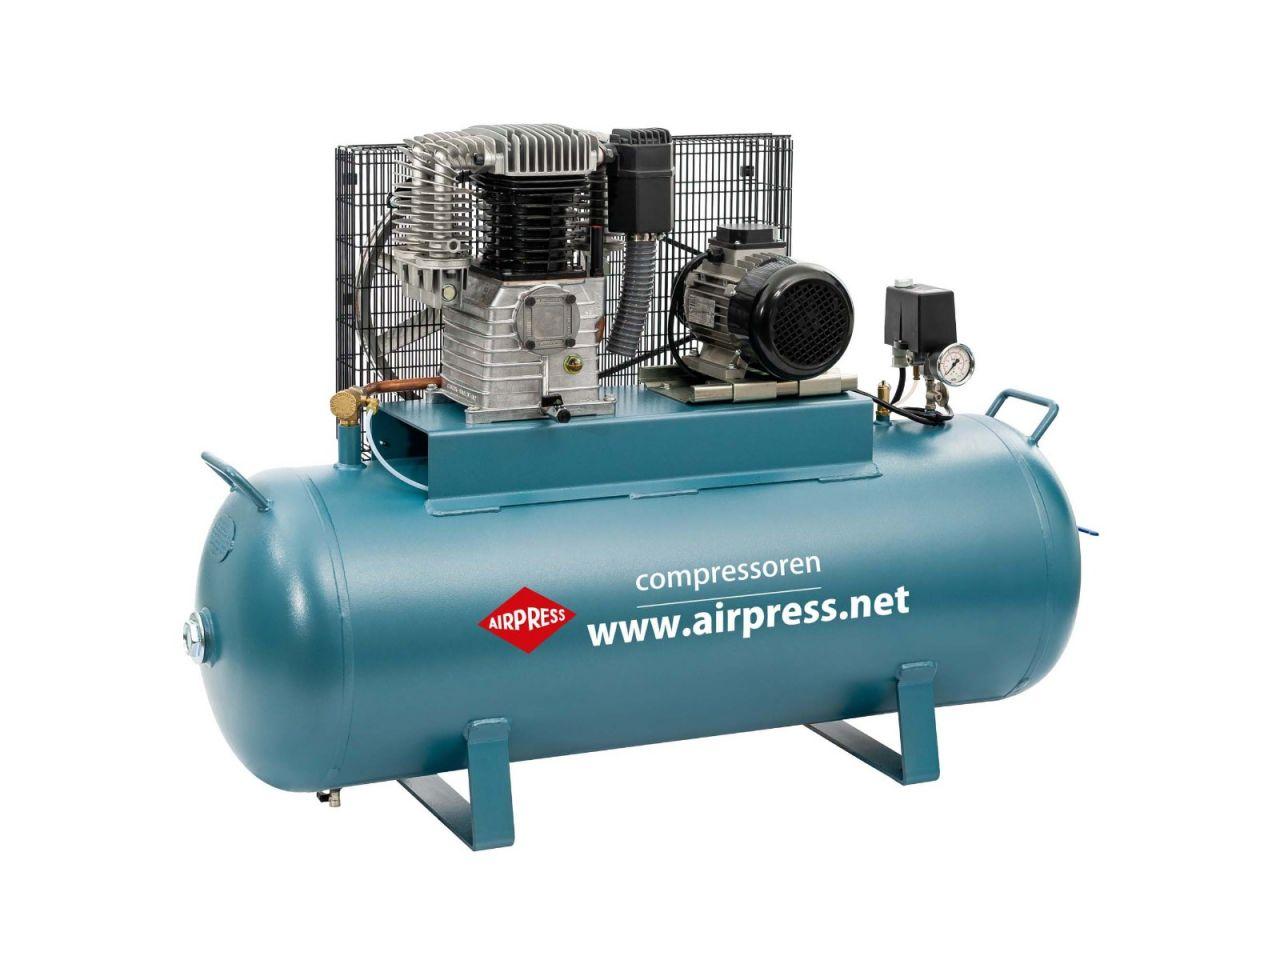 Compressor K 200-450